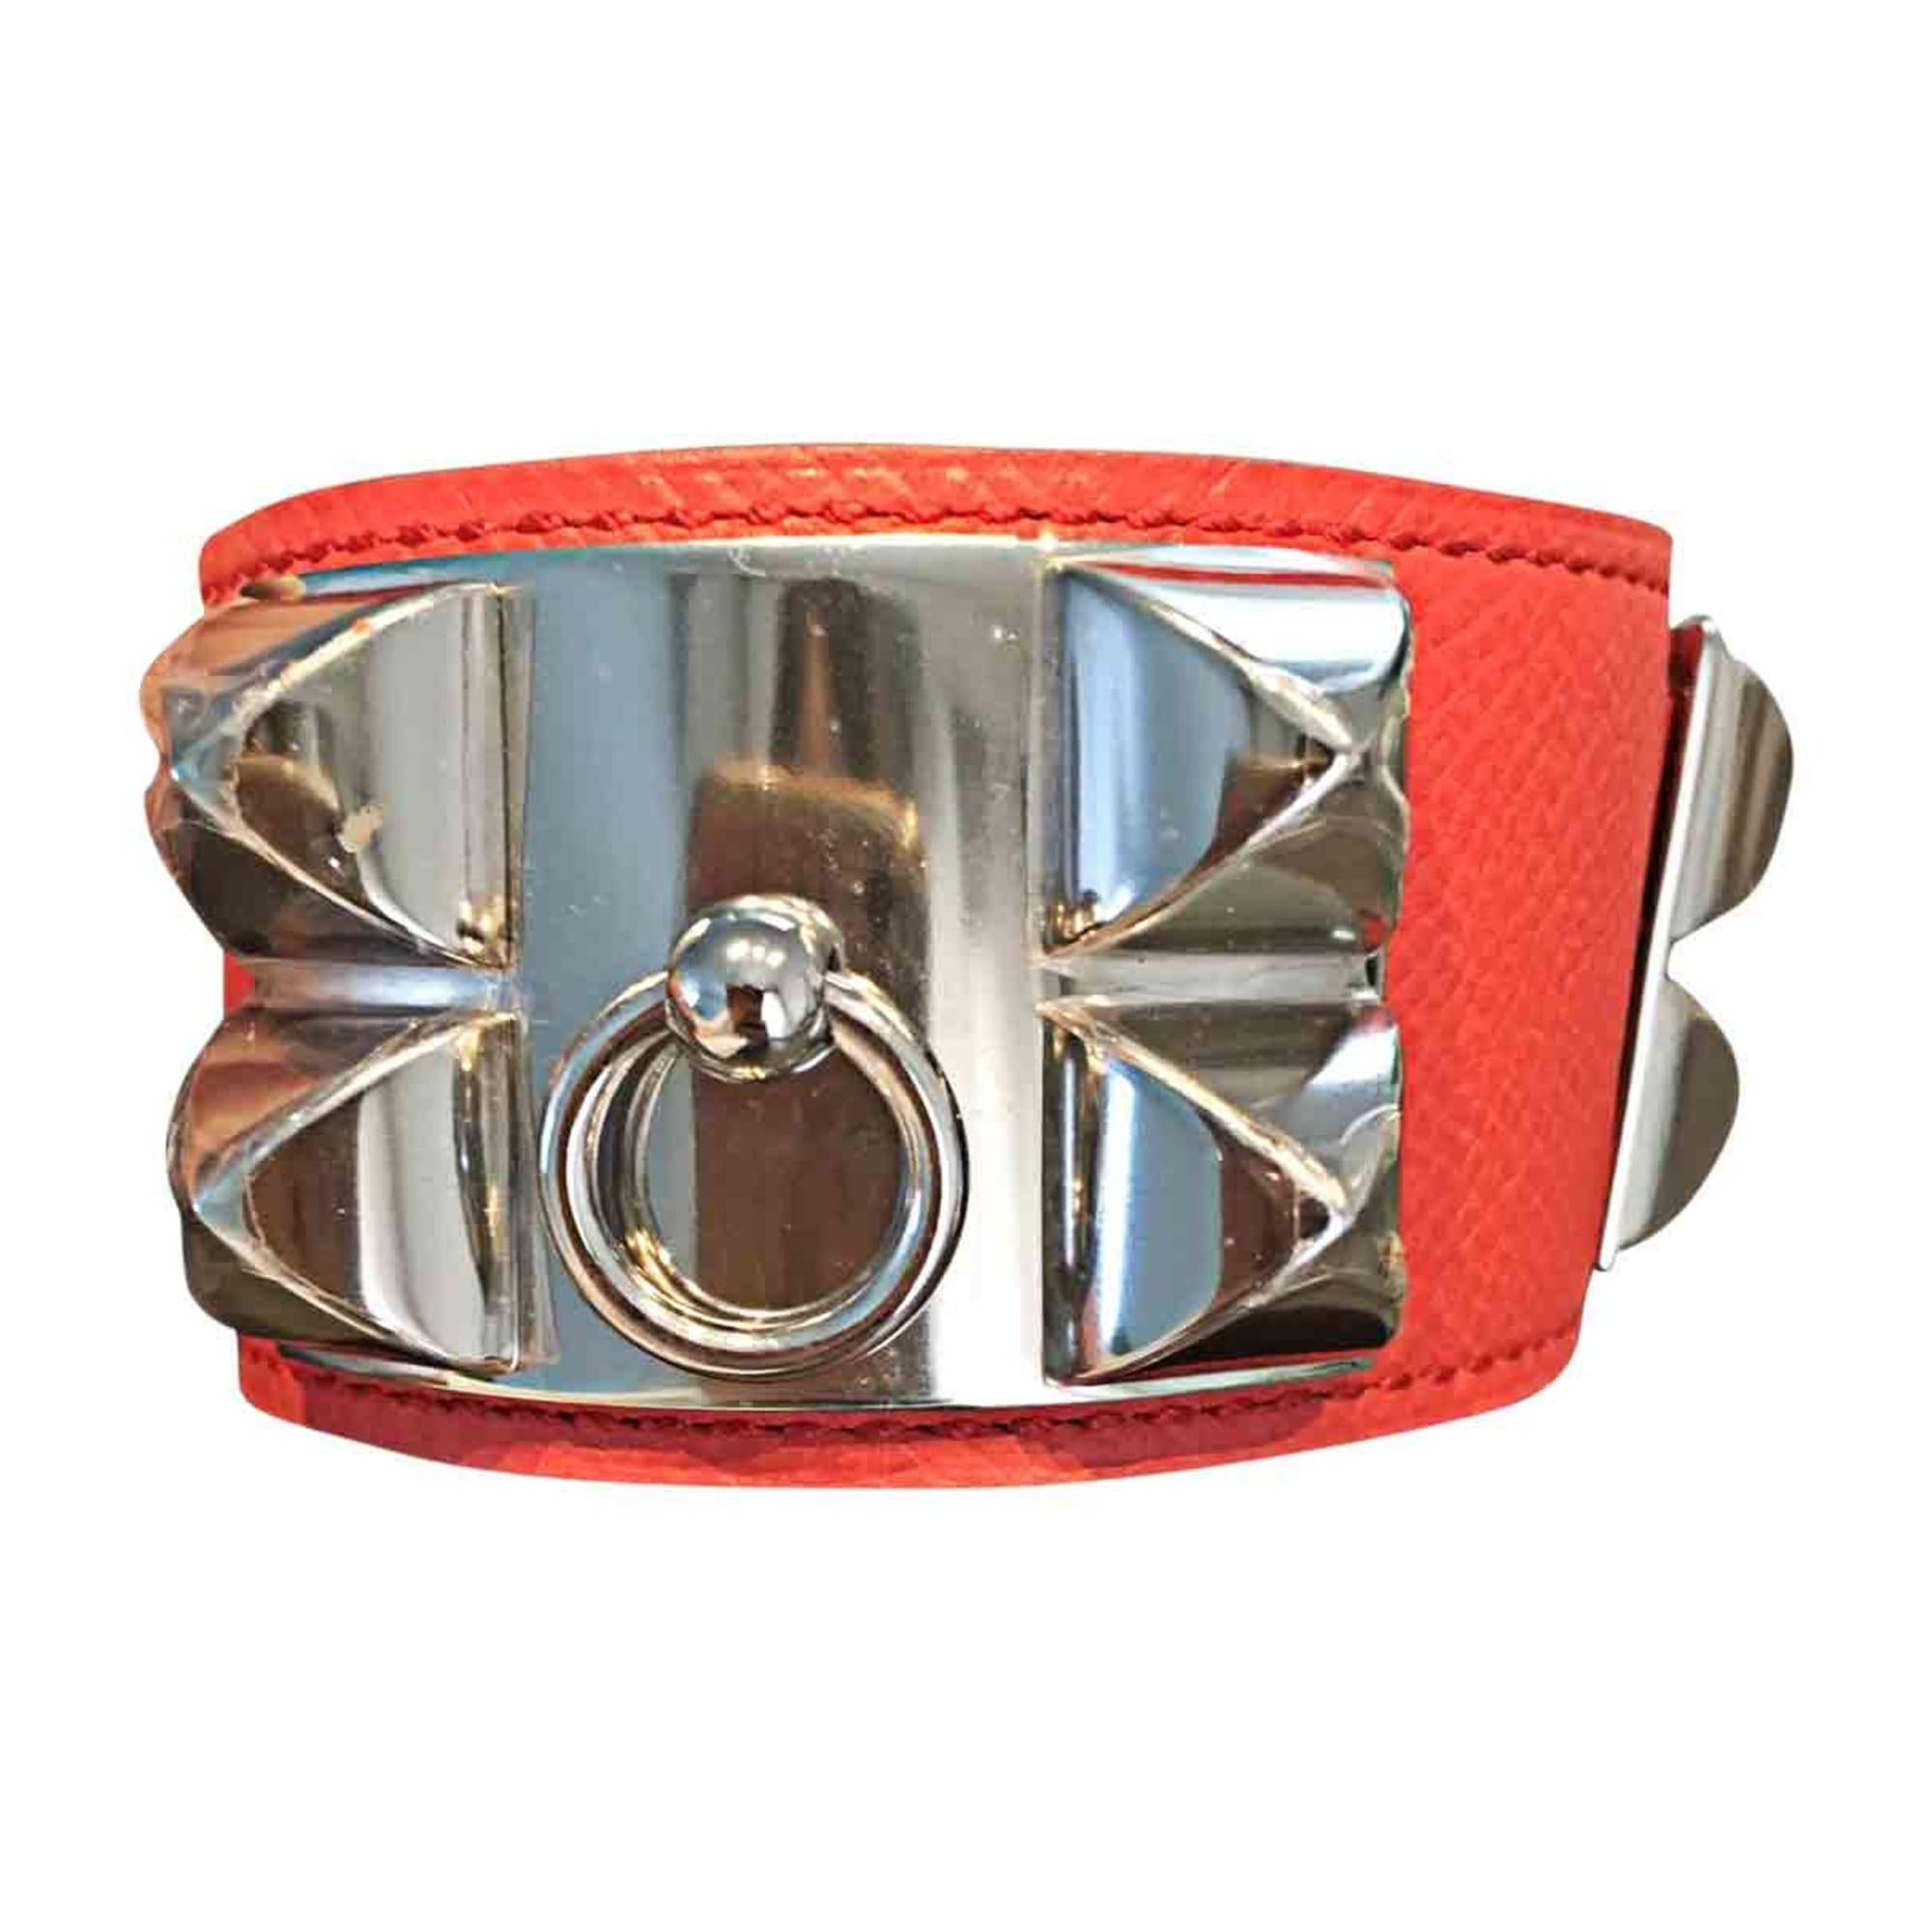 Bracelet HERMÈS collier de chien rose vendu par D`orchid109092 - 5460723 c1b86336383